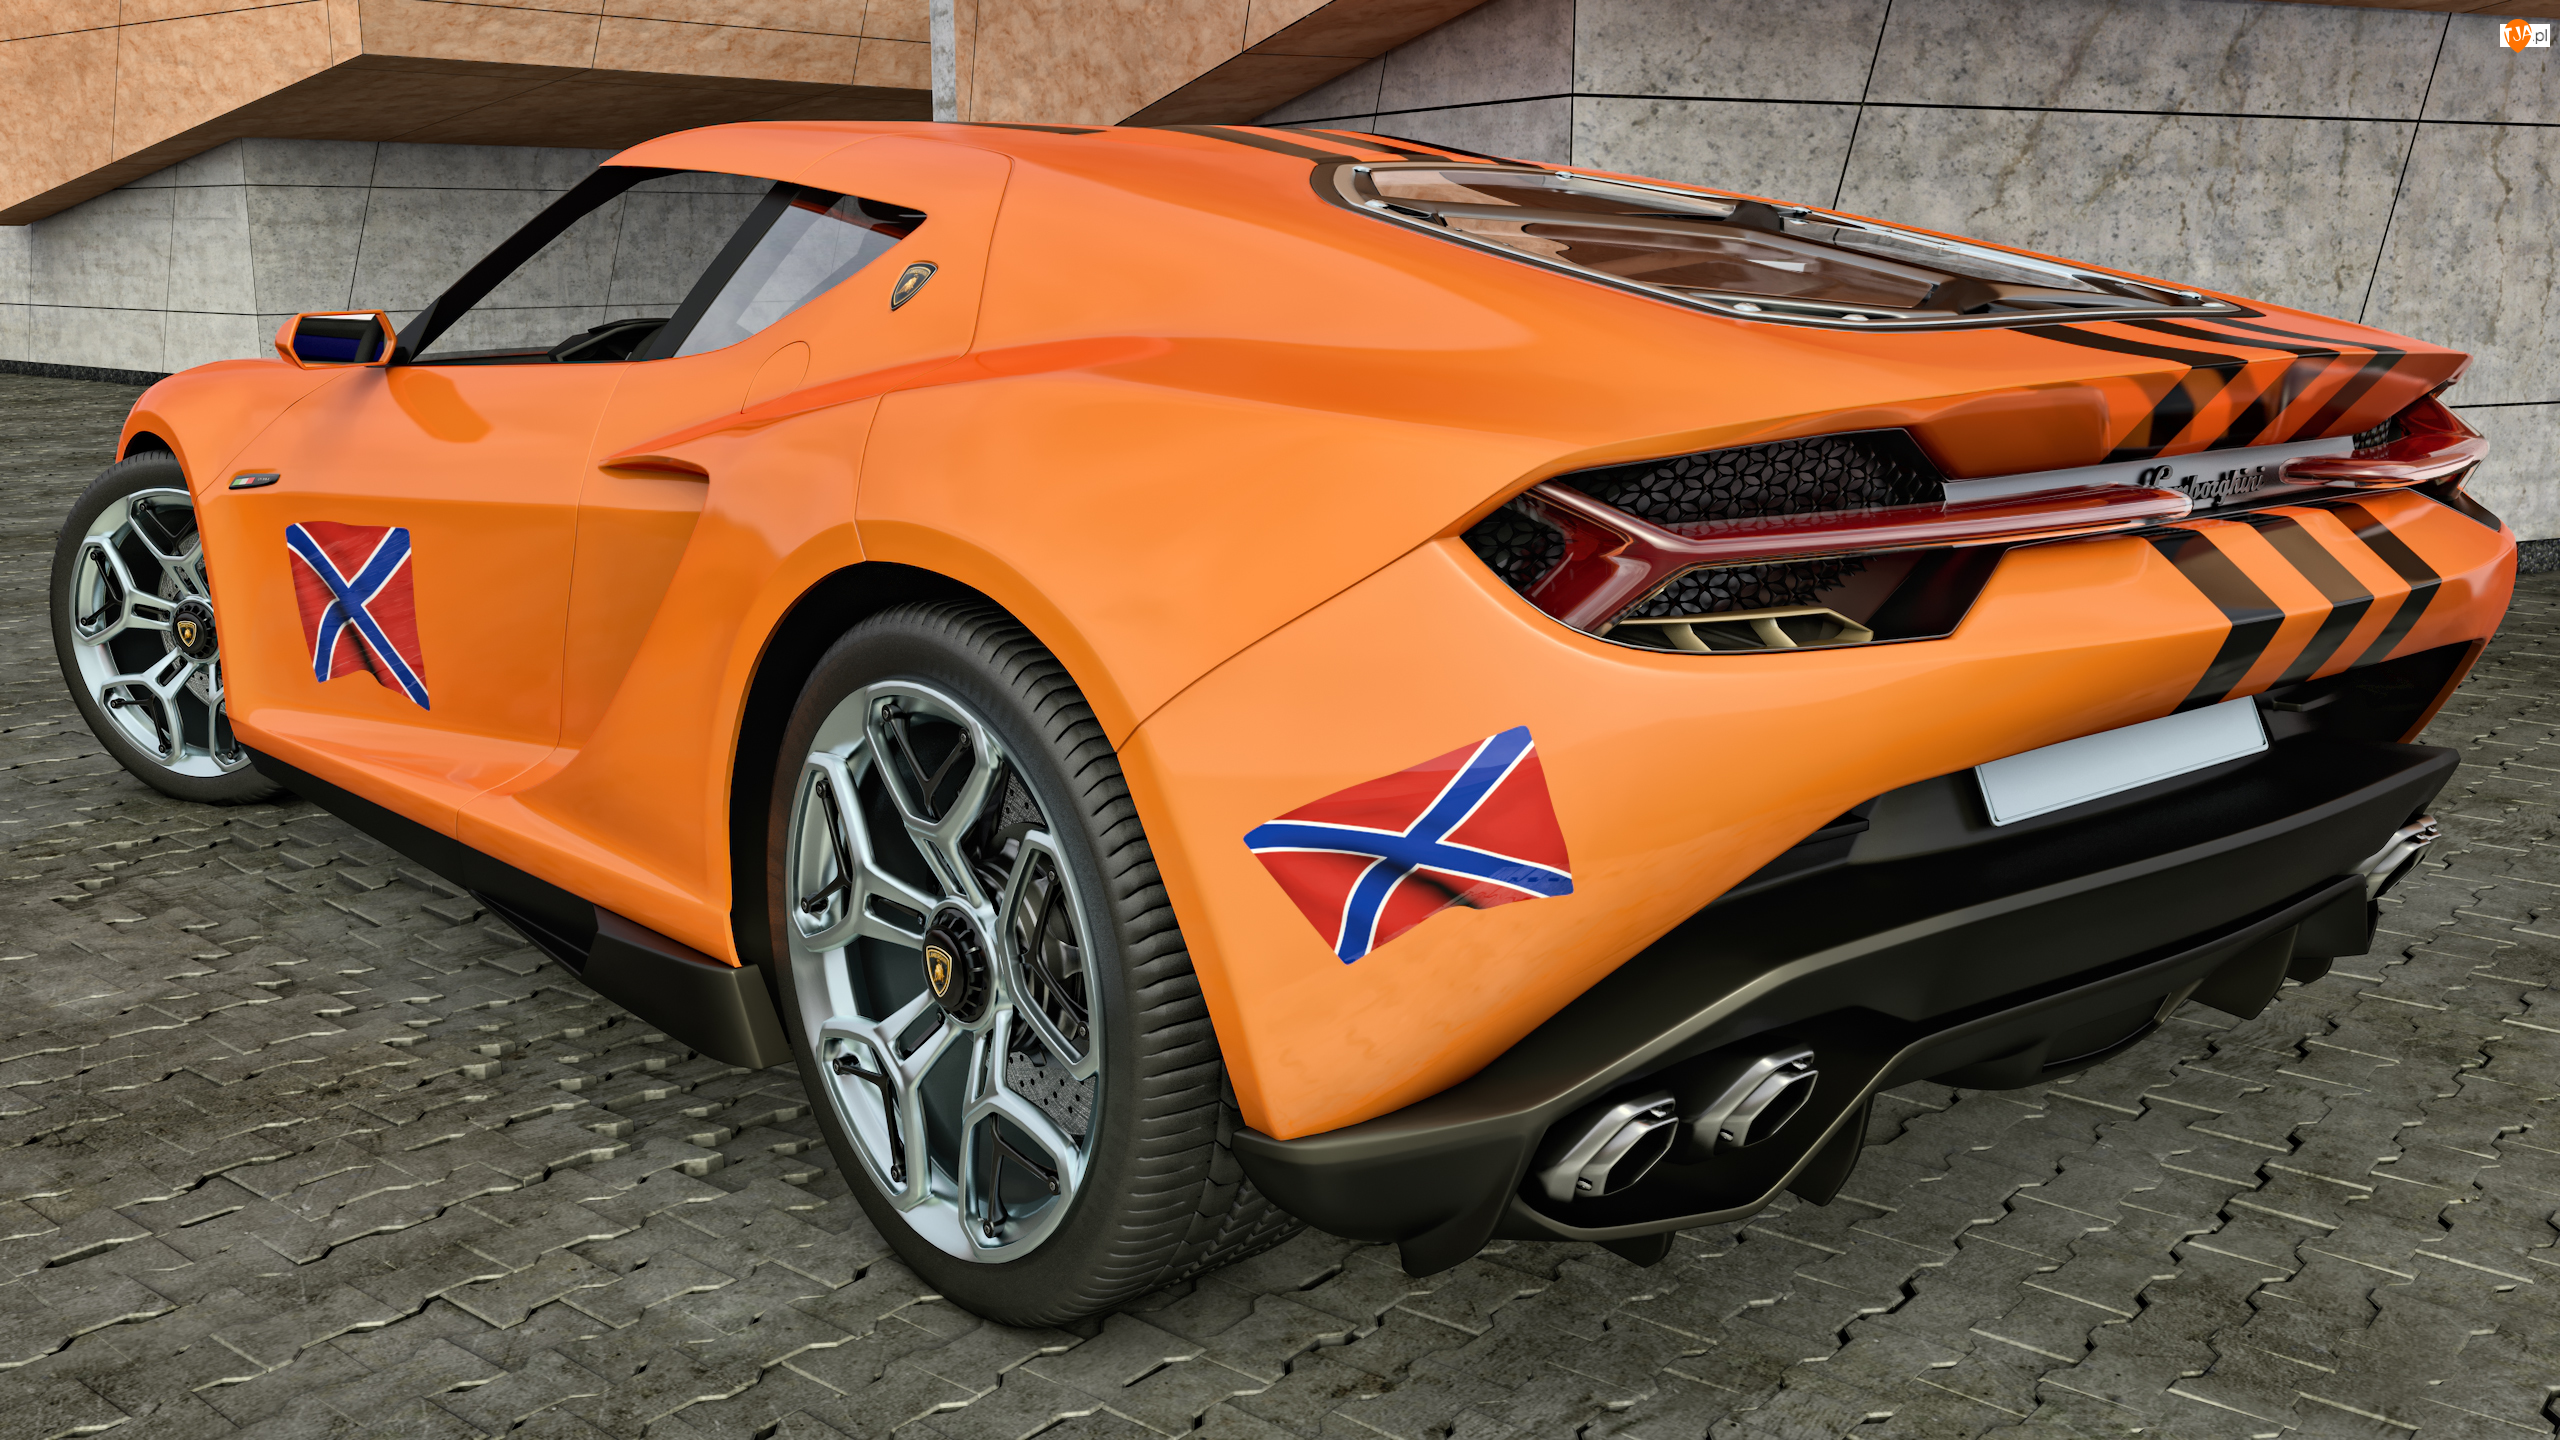 2014, Lamborghini Asterion Concept